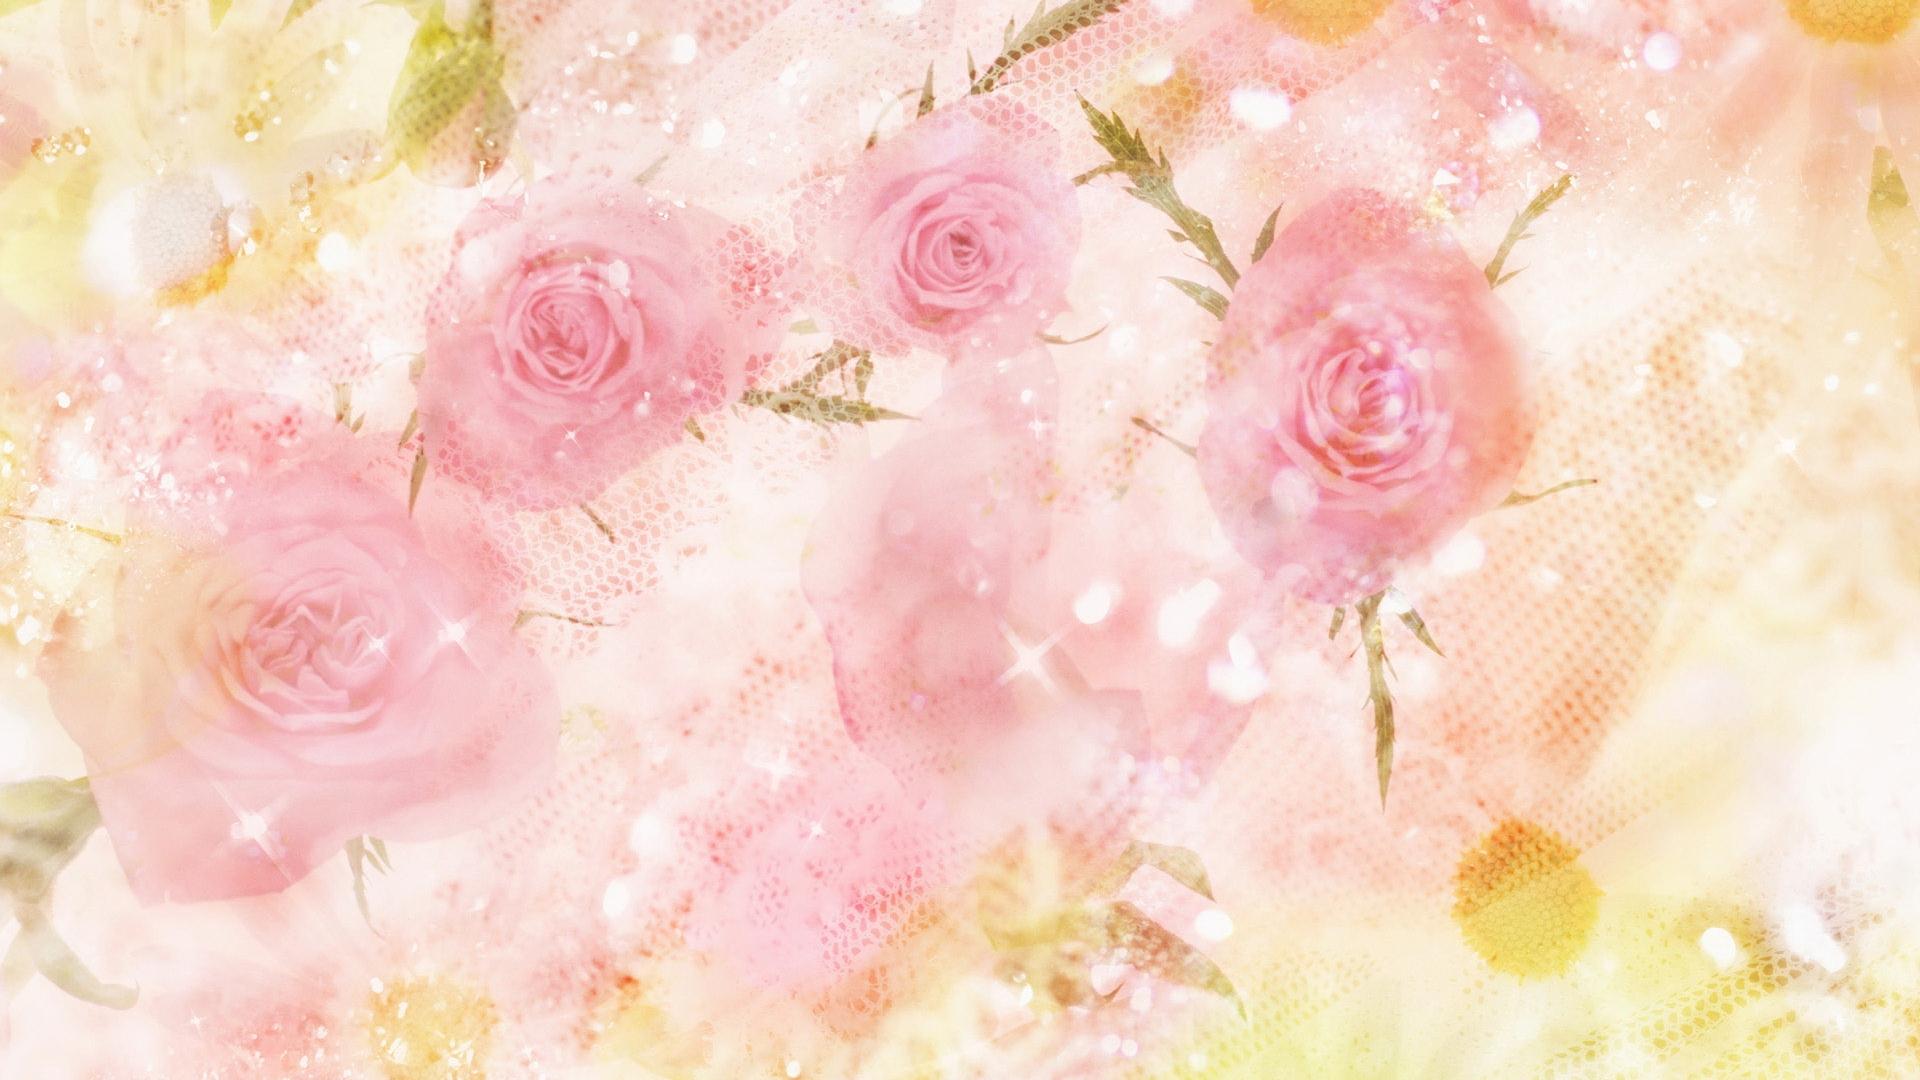 http://fs2.directupload.net/images/150705/h3kjb3gr.jpg